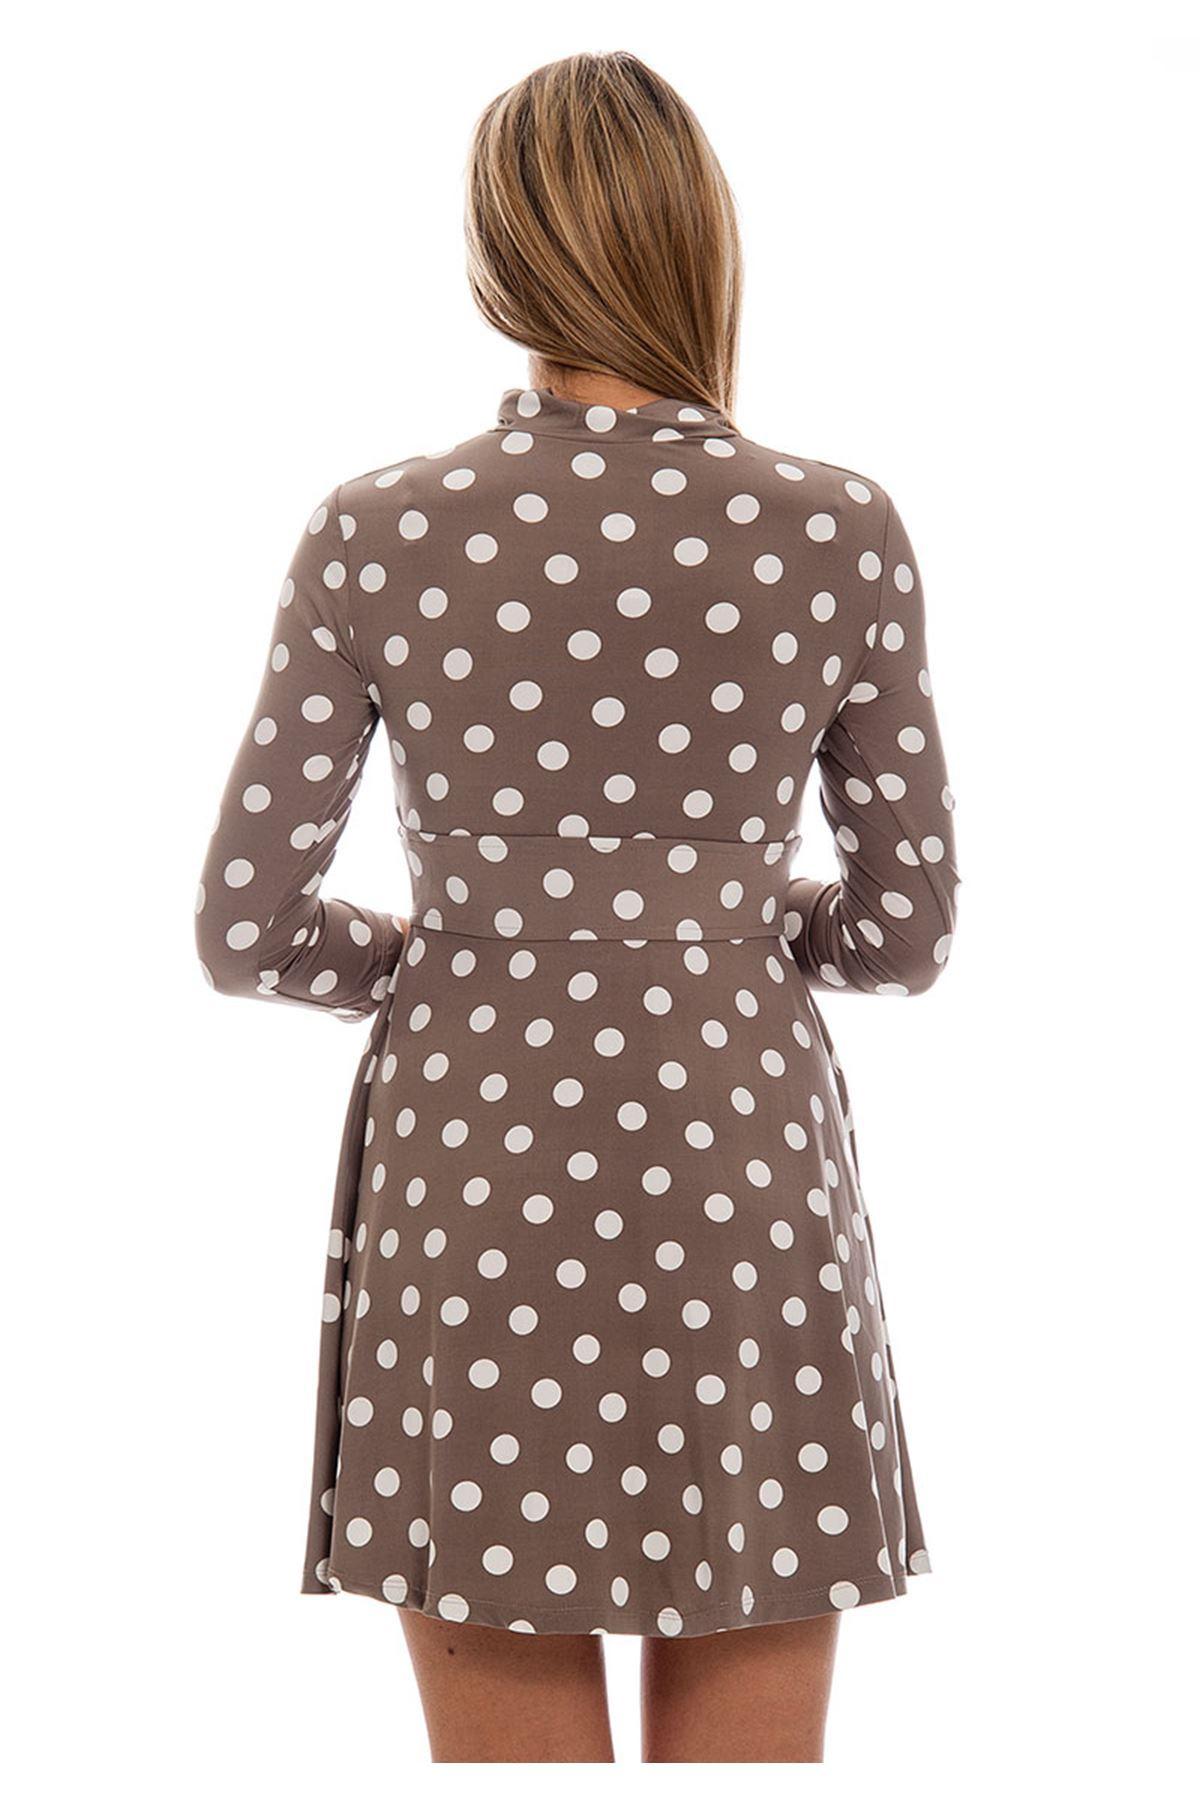 Puanlı Çıt Çıtlı Kadın Elbise J11-121279